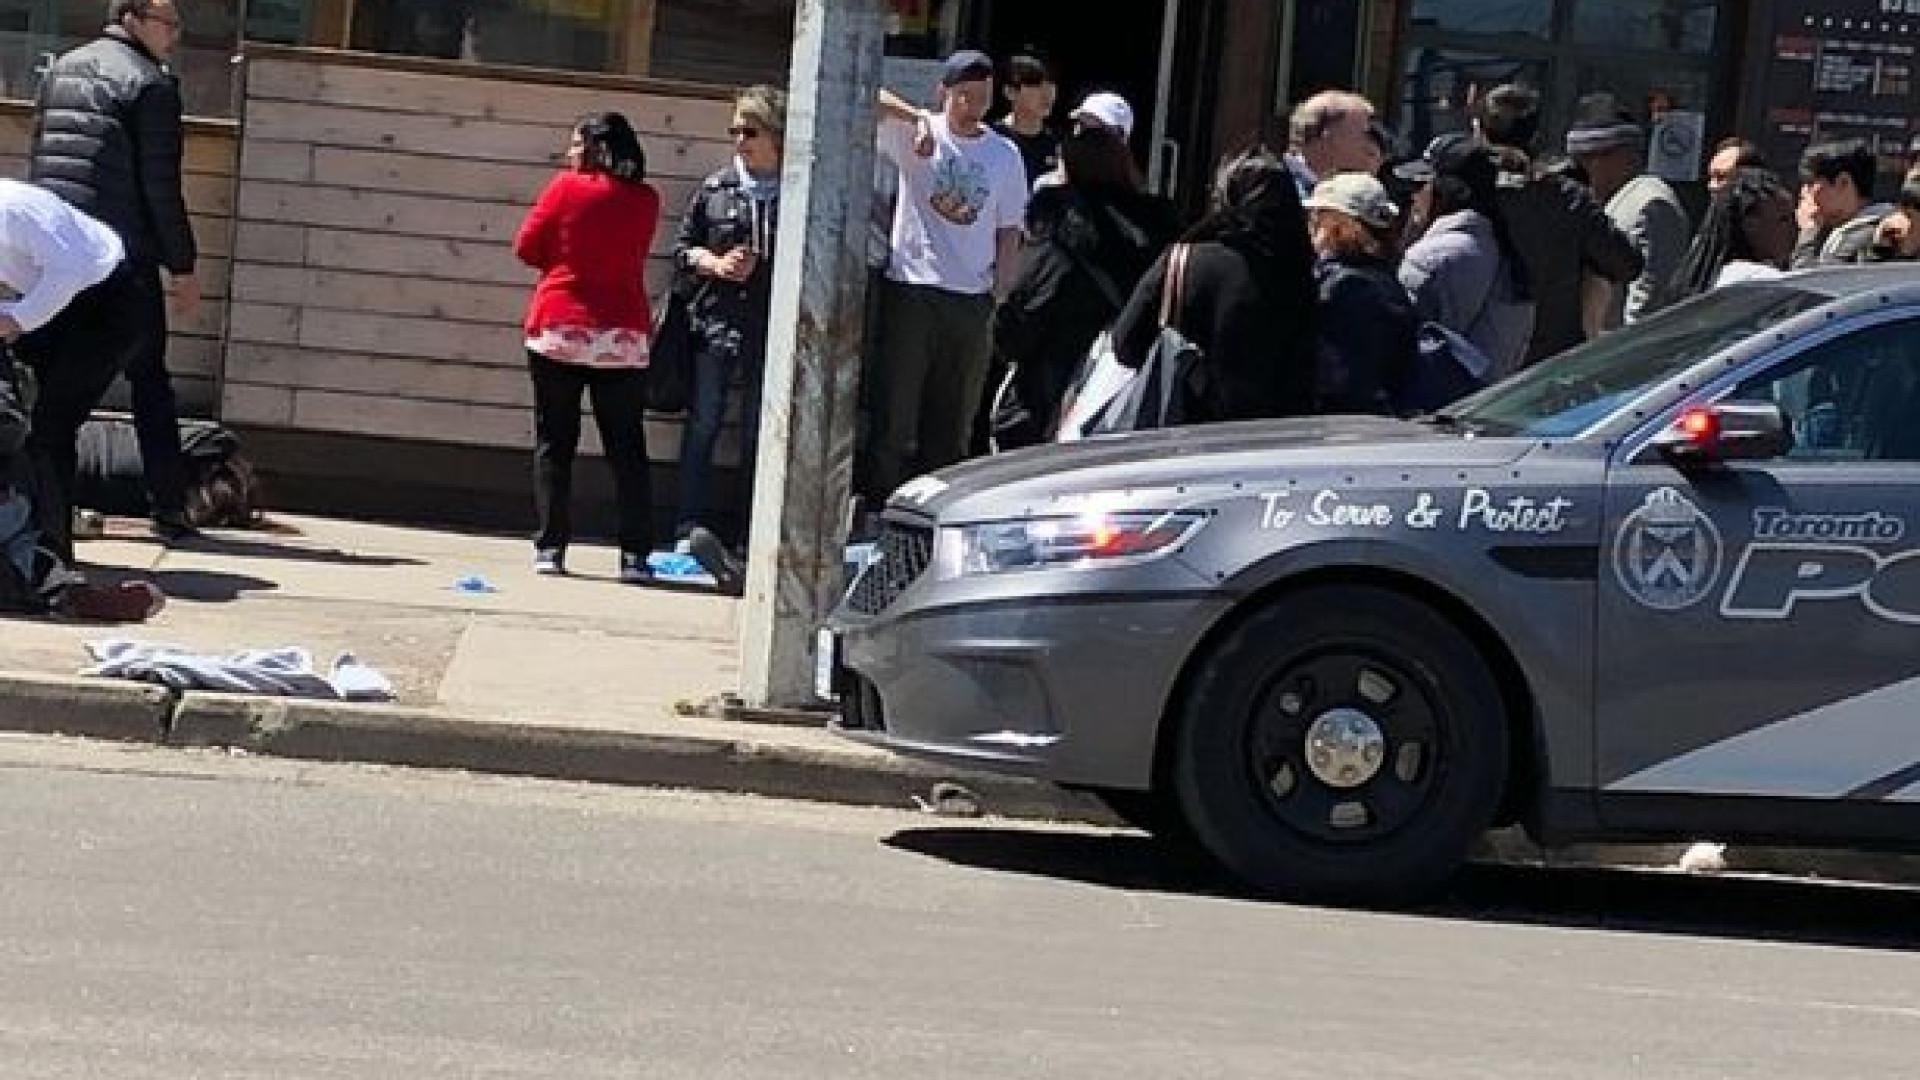 Carrinha abalroa várias pessoas em Toronto. Condutor foi detido